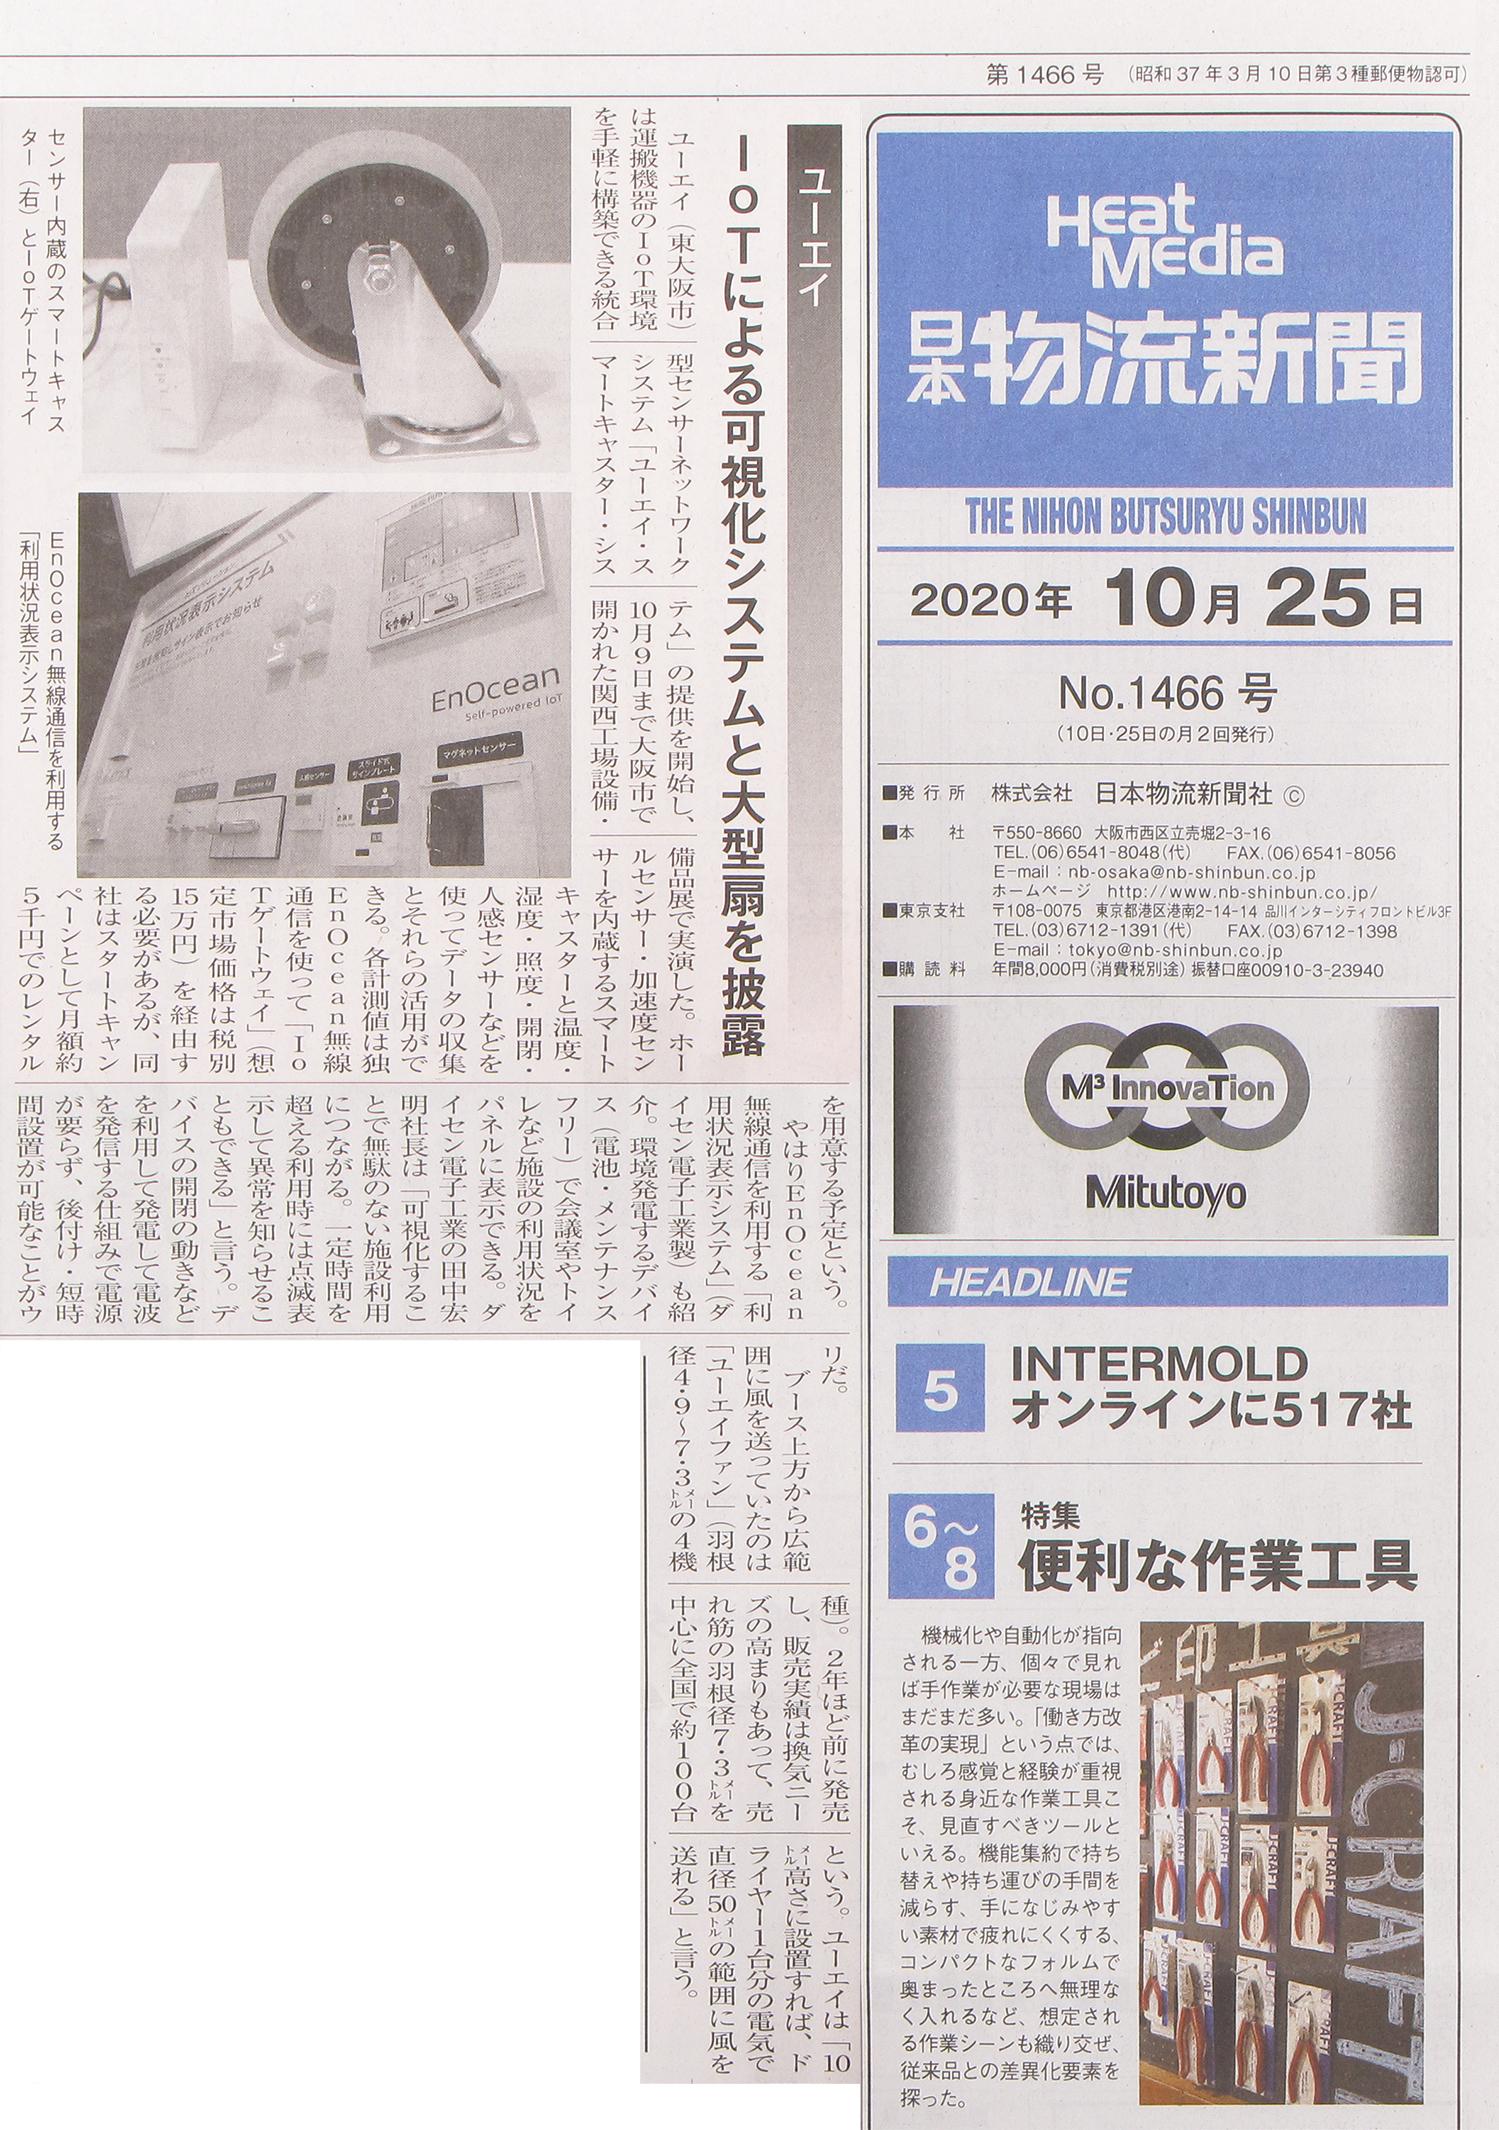 日本物流新聞に掲載されました